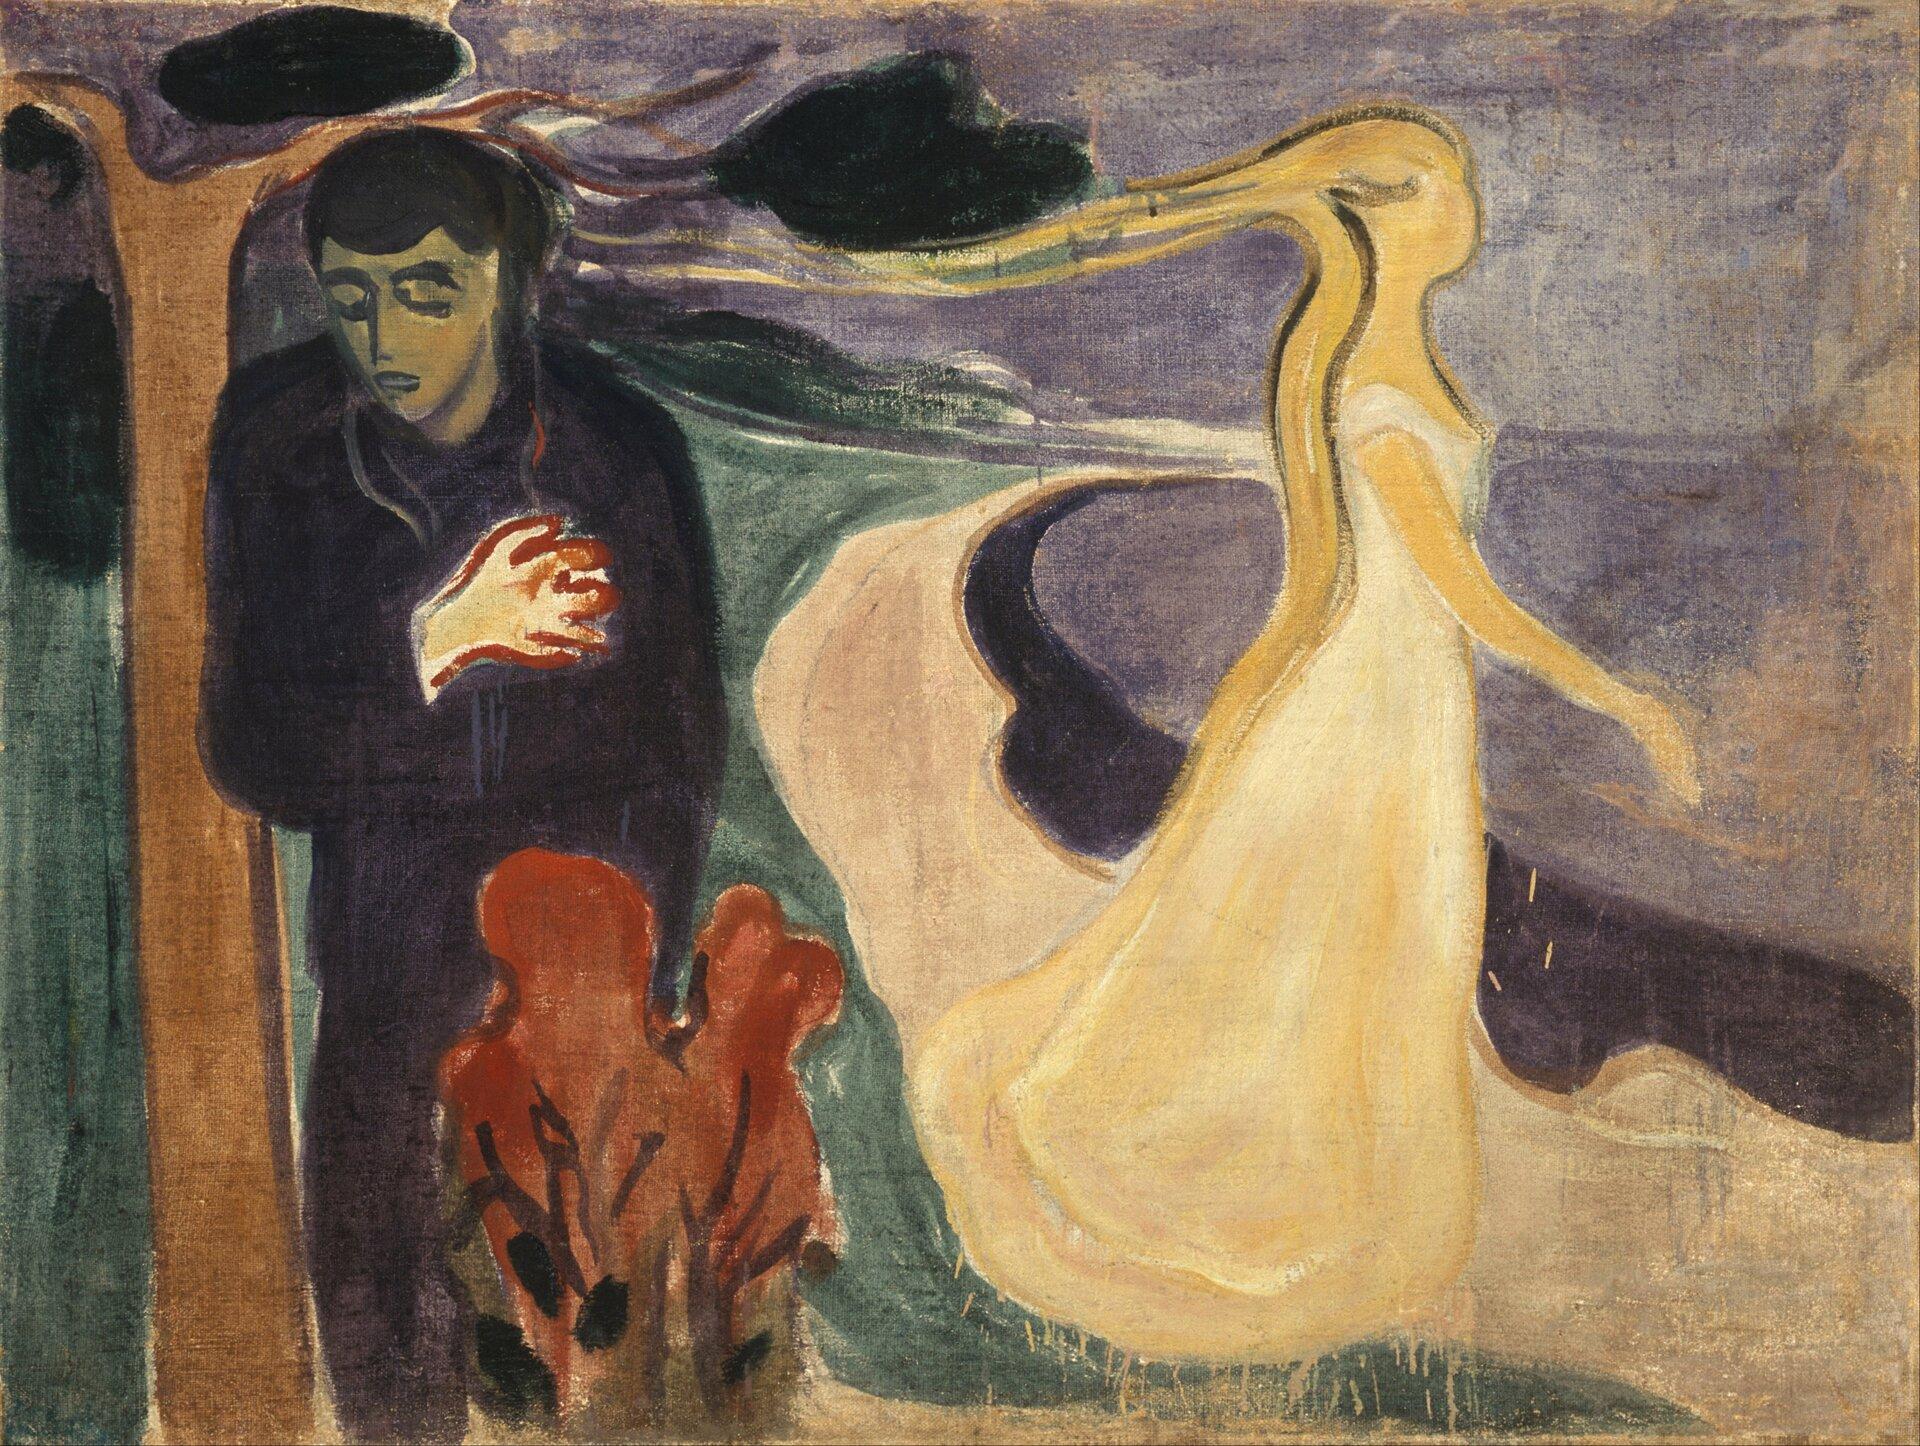 Rozłączenie Źródło: Edvard Munch, Rozłączenie, 1896, olej na płótnie, Muzeum Muncha wOslo, domena publiczna.